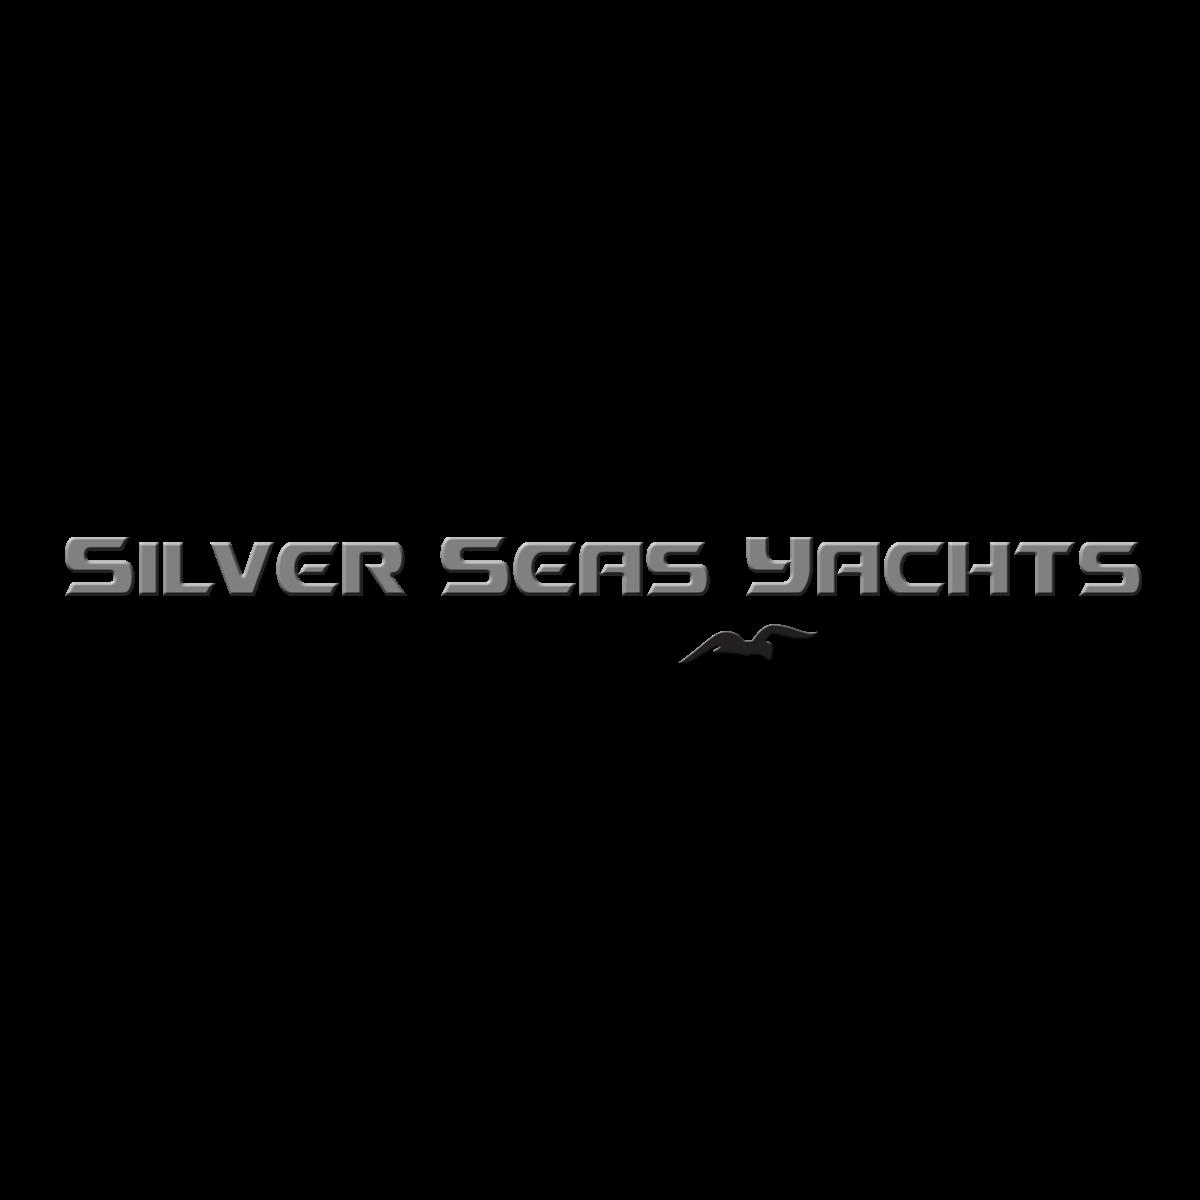 Silver Seas Yachts - San Diego